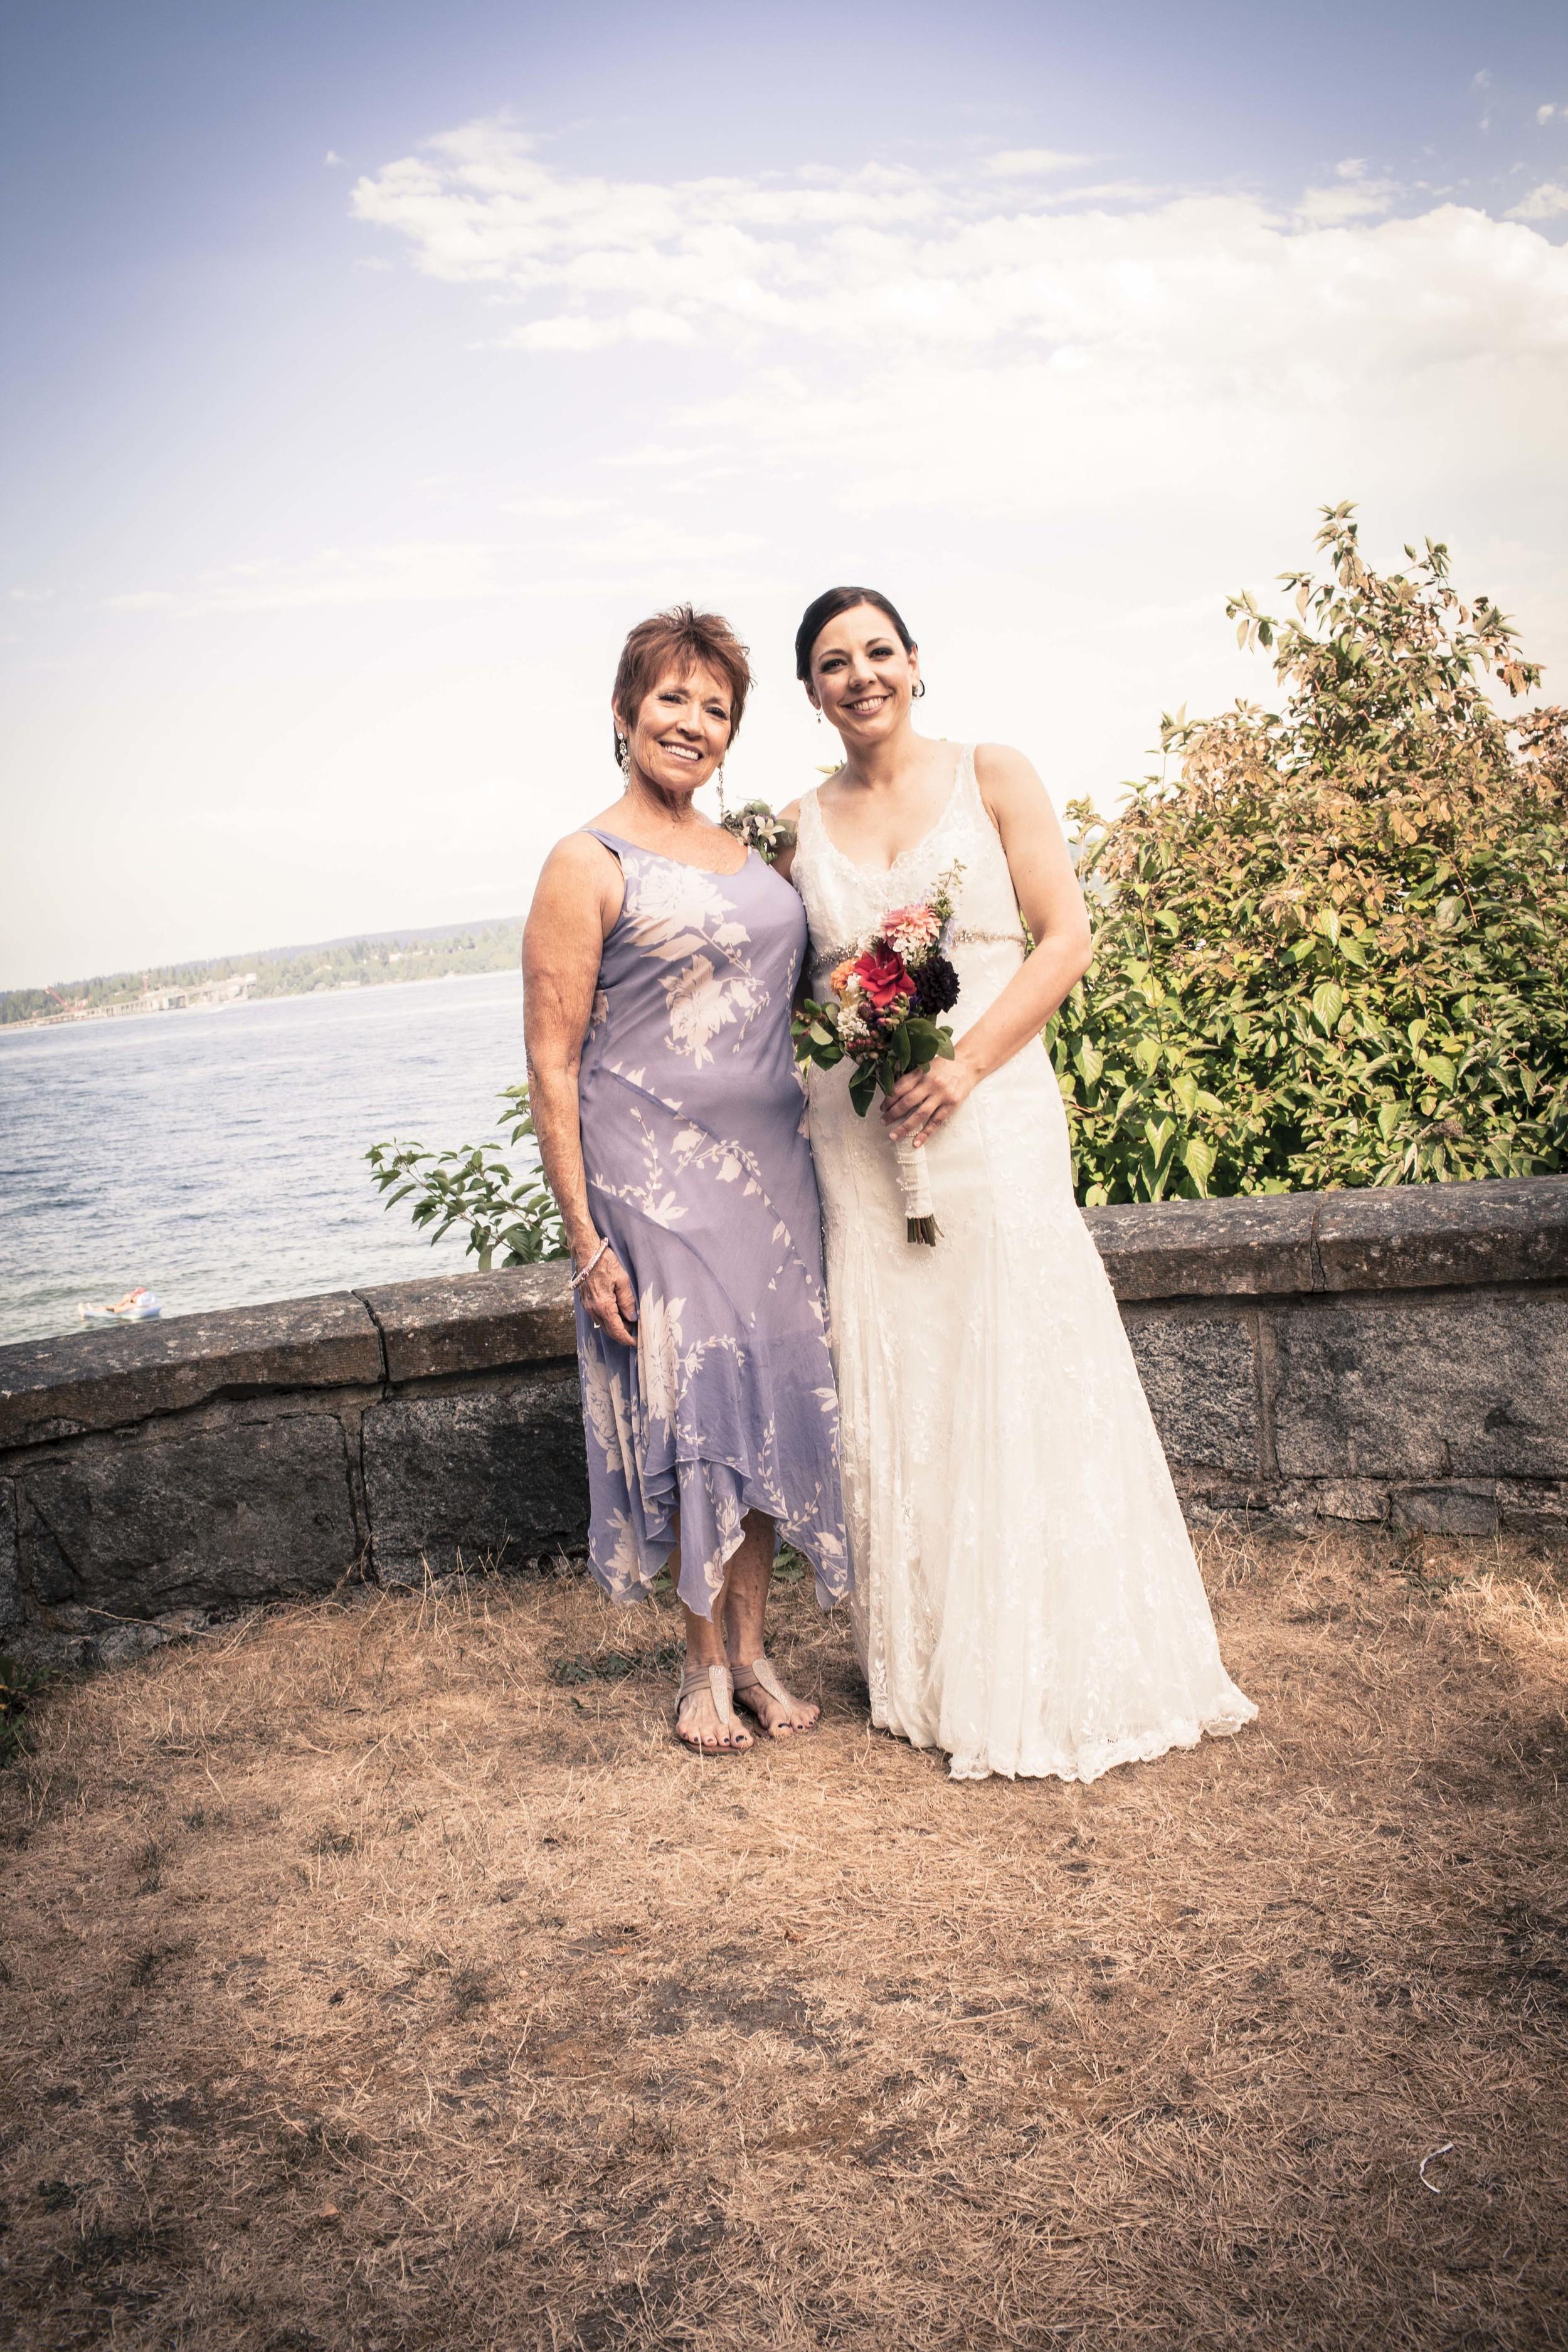 Lisa&Leah_2013 (128 of 524).jpg